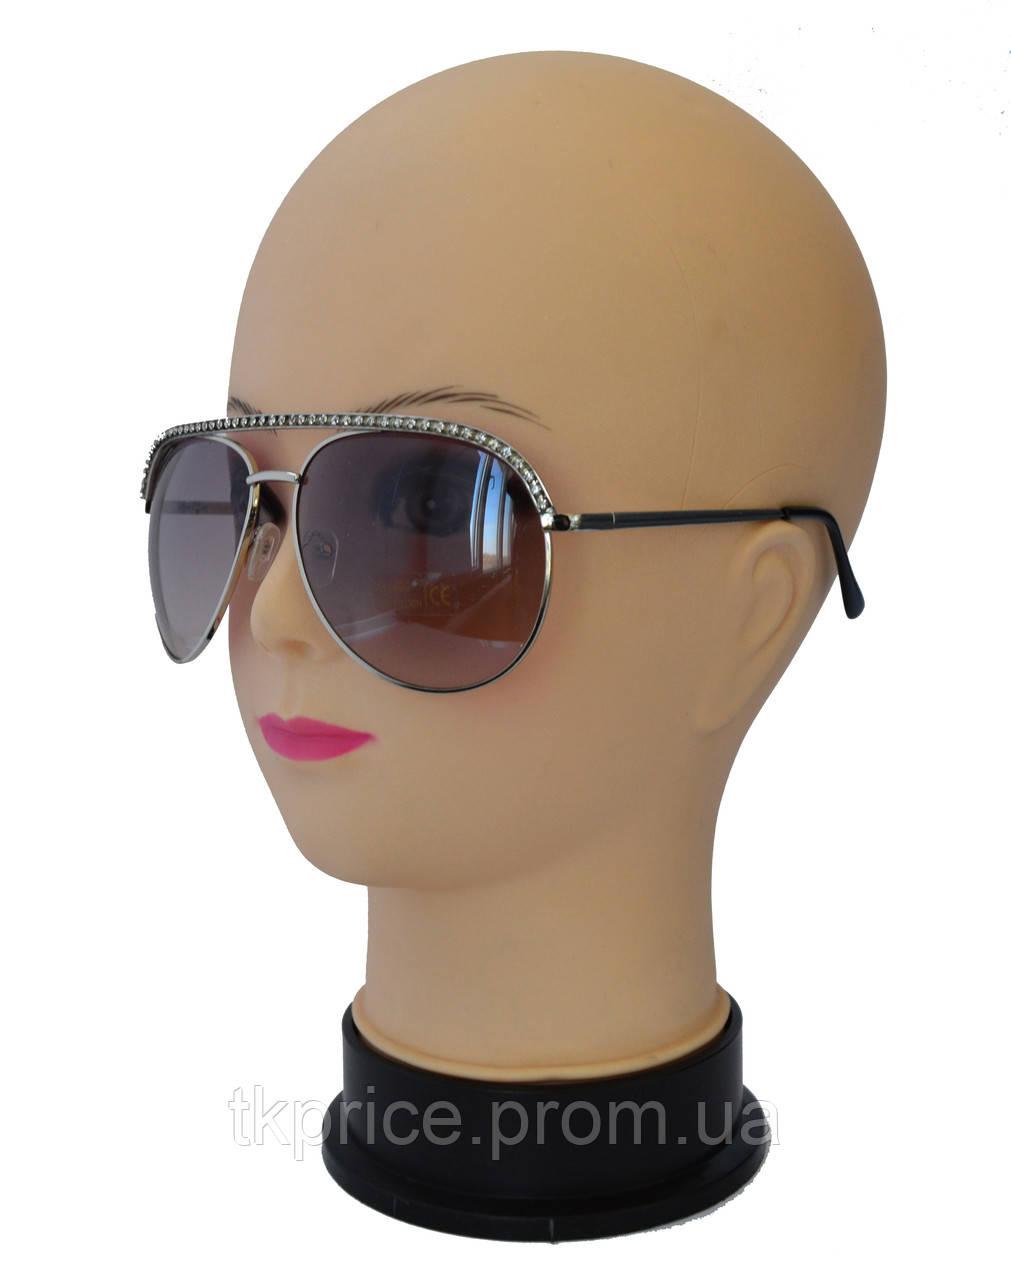 Солнцезащитные очки авиаторы с флексами